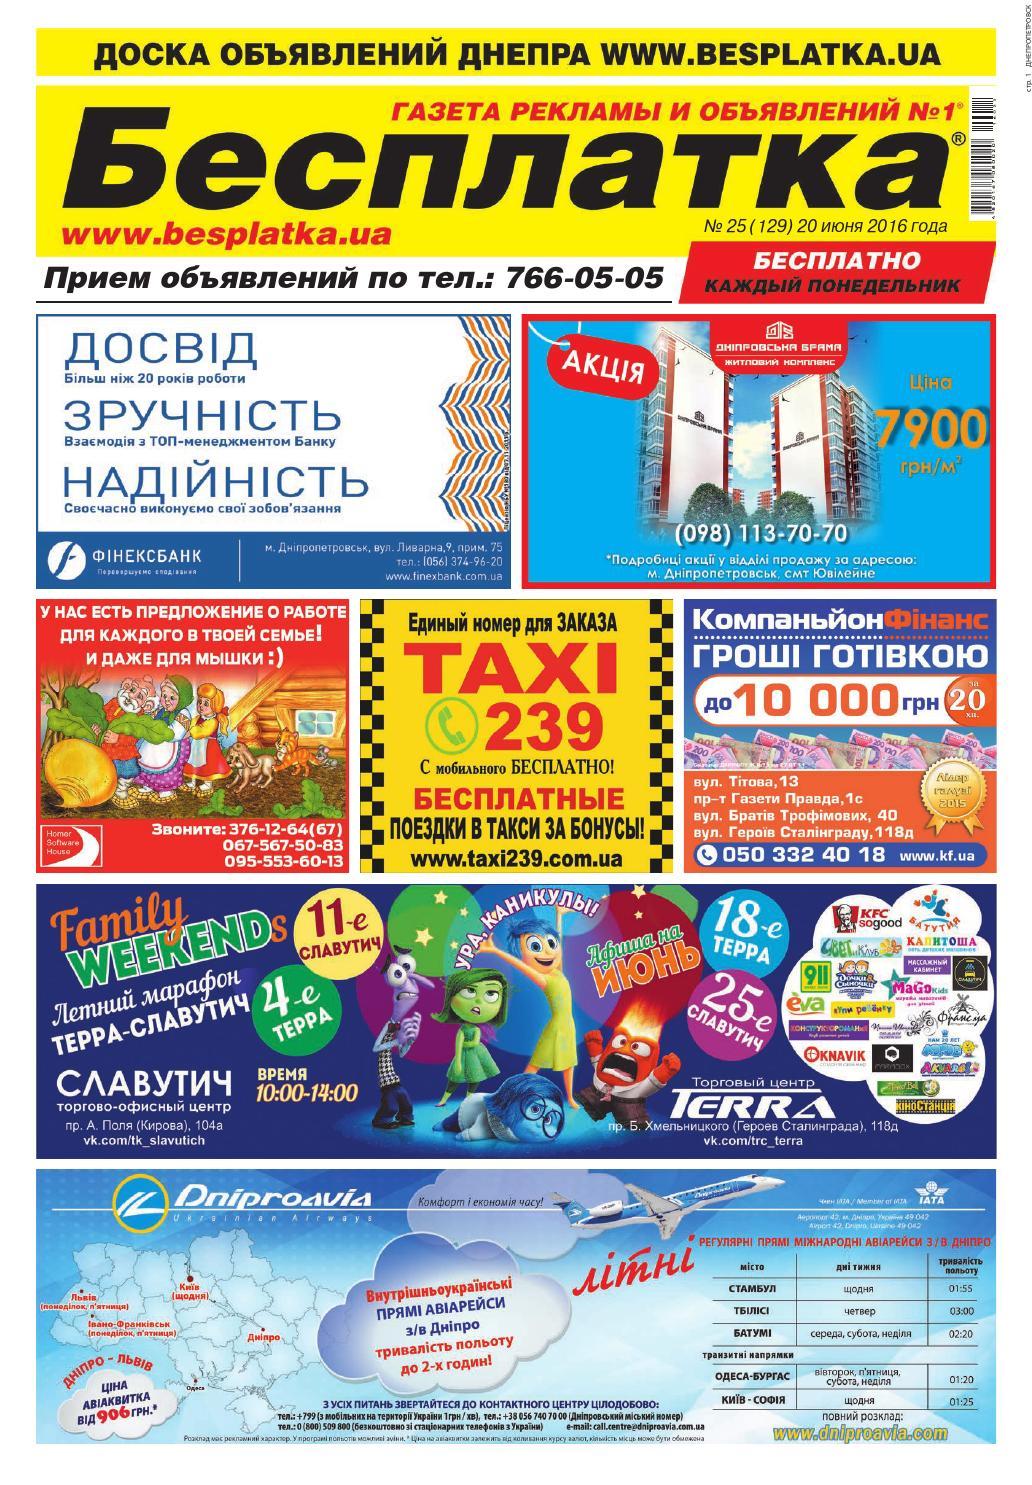 Besplatka  25 Днепр by besplatka ukraine - issuu af11f97ecf6